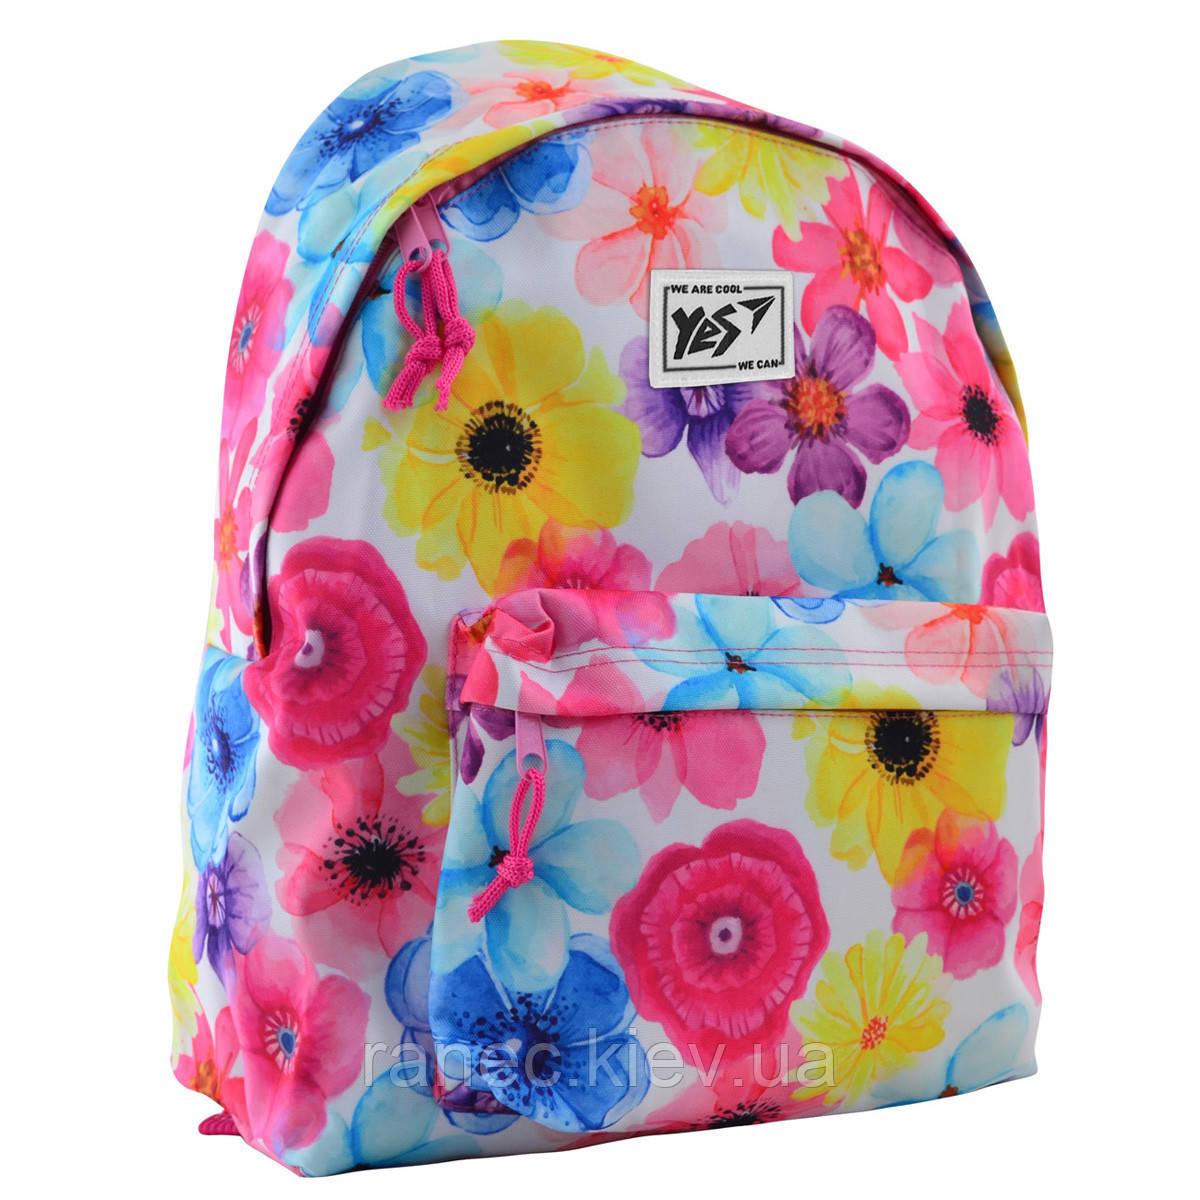 Рюкзак молодежный ST-17 Aquarelle 556619 Yes